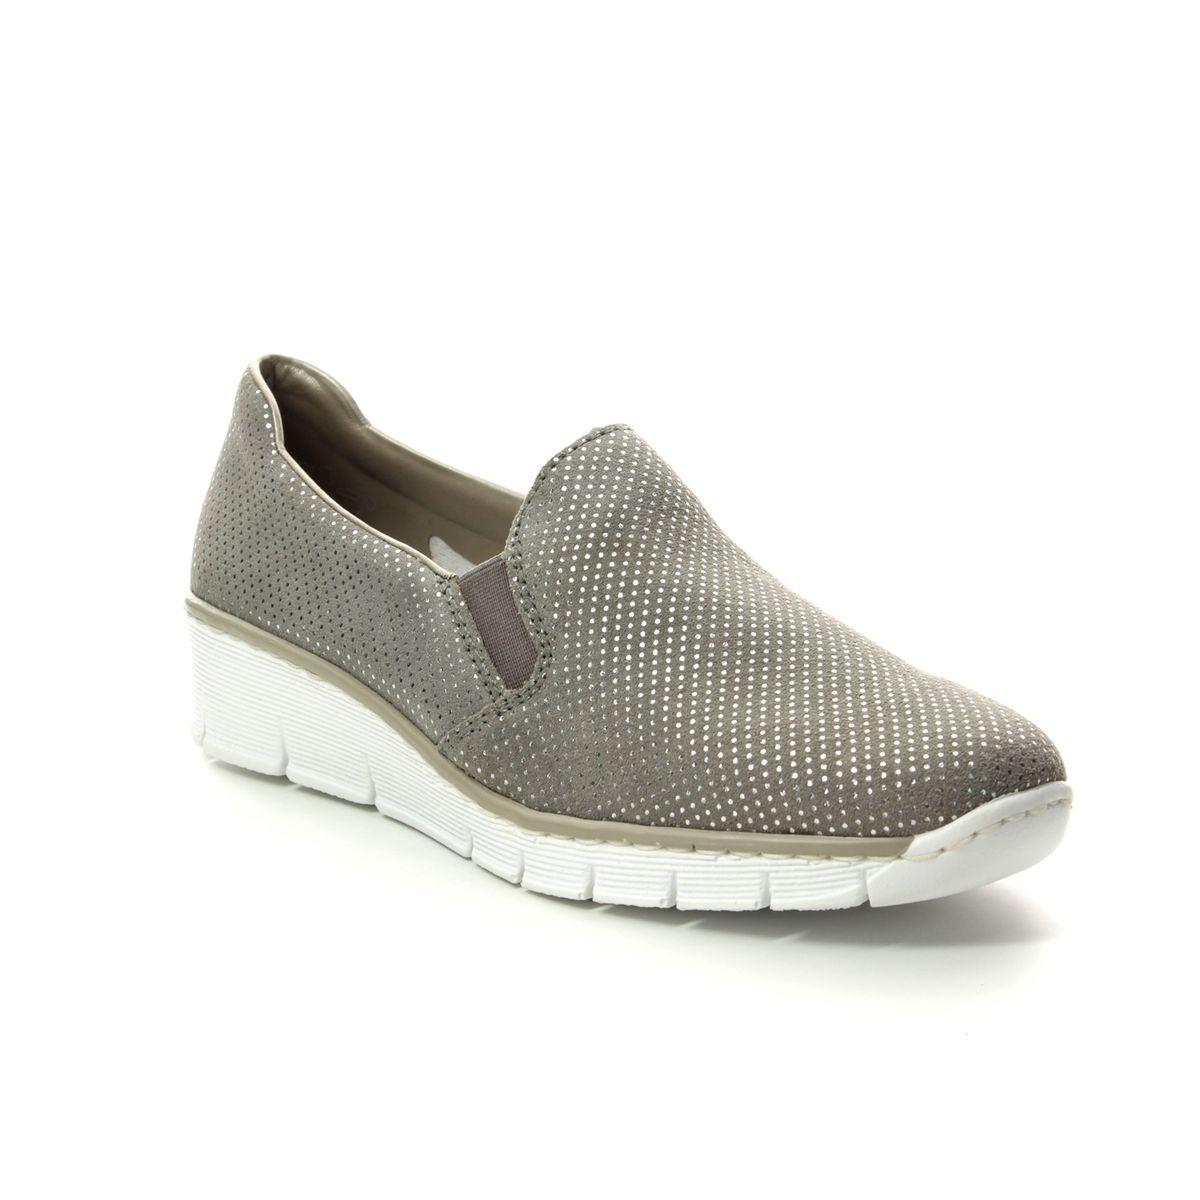 09ffcb9cbe6 Rieker Comfort Shoes - Light taupe - 53766-41 BOCCIAGO